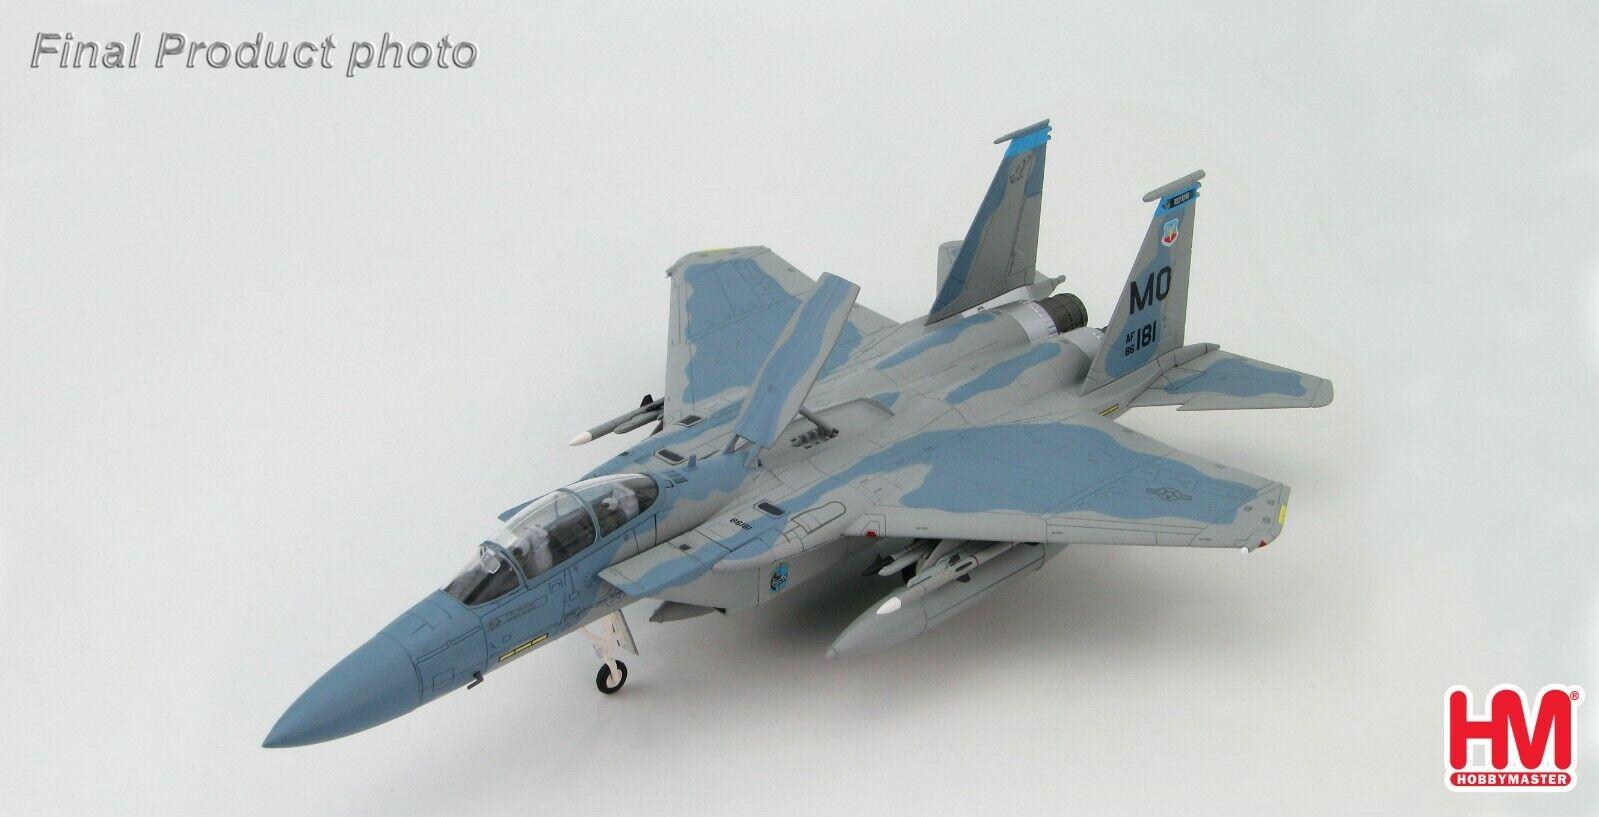 F - 15 d Águila Águila Águila 390th FS jabalí 366 FW Mountain House AFB 0d3